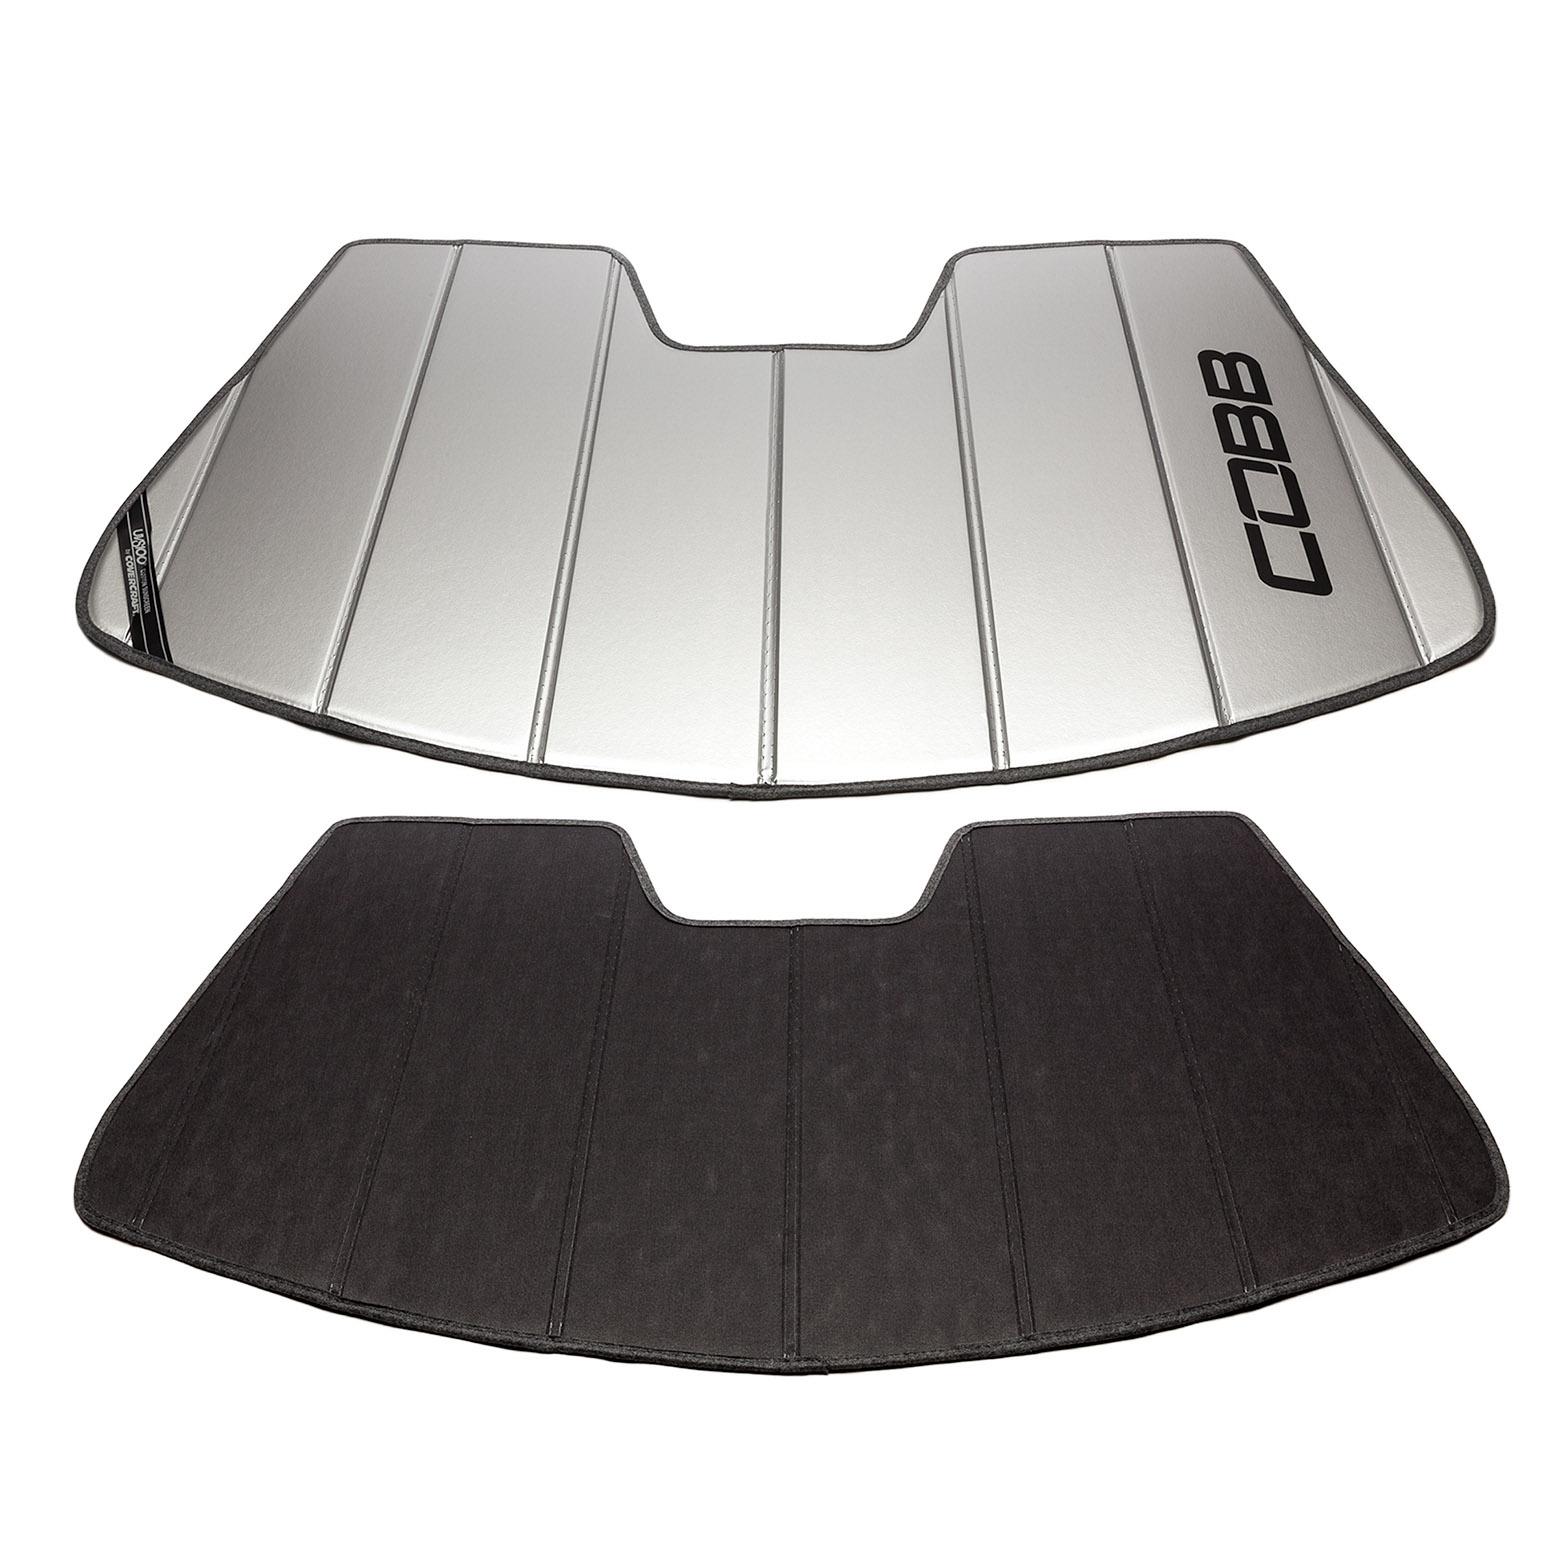 UR11246 Covercraft Flex Shade Windshield Sunscreen: 2012-18 Fits Porsche 911 Carrera Coupe 991 Silver